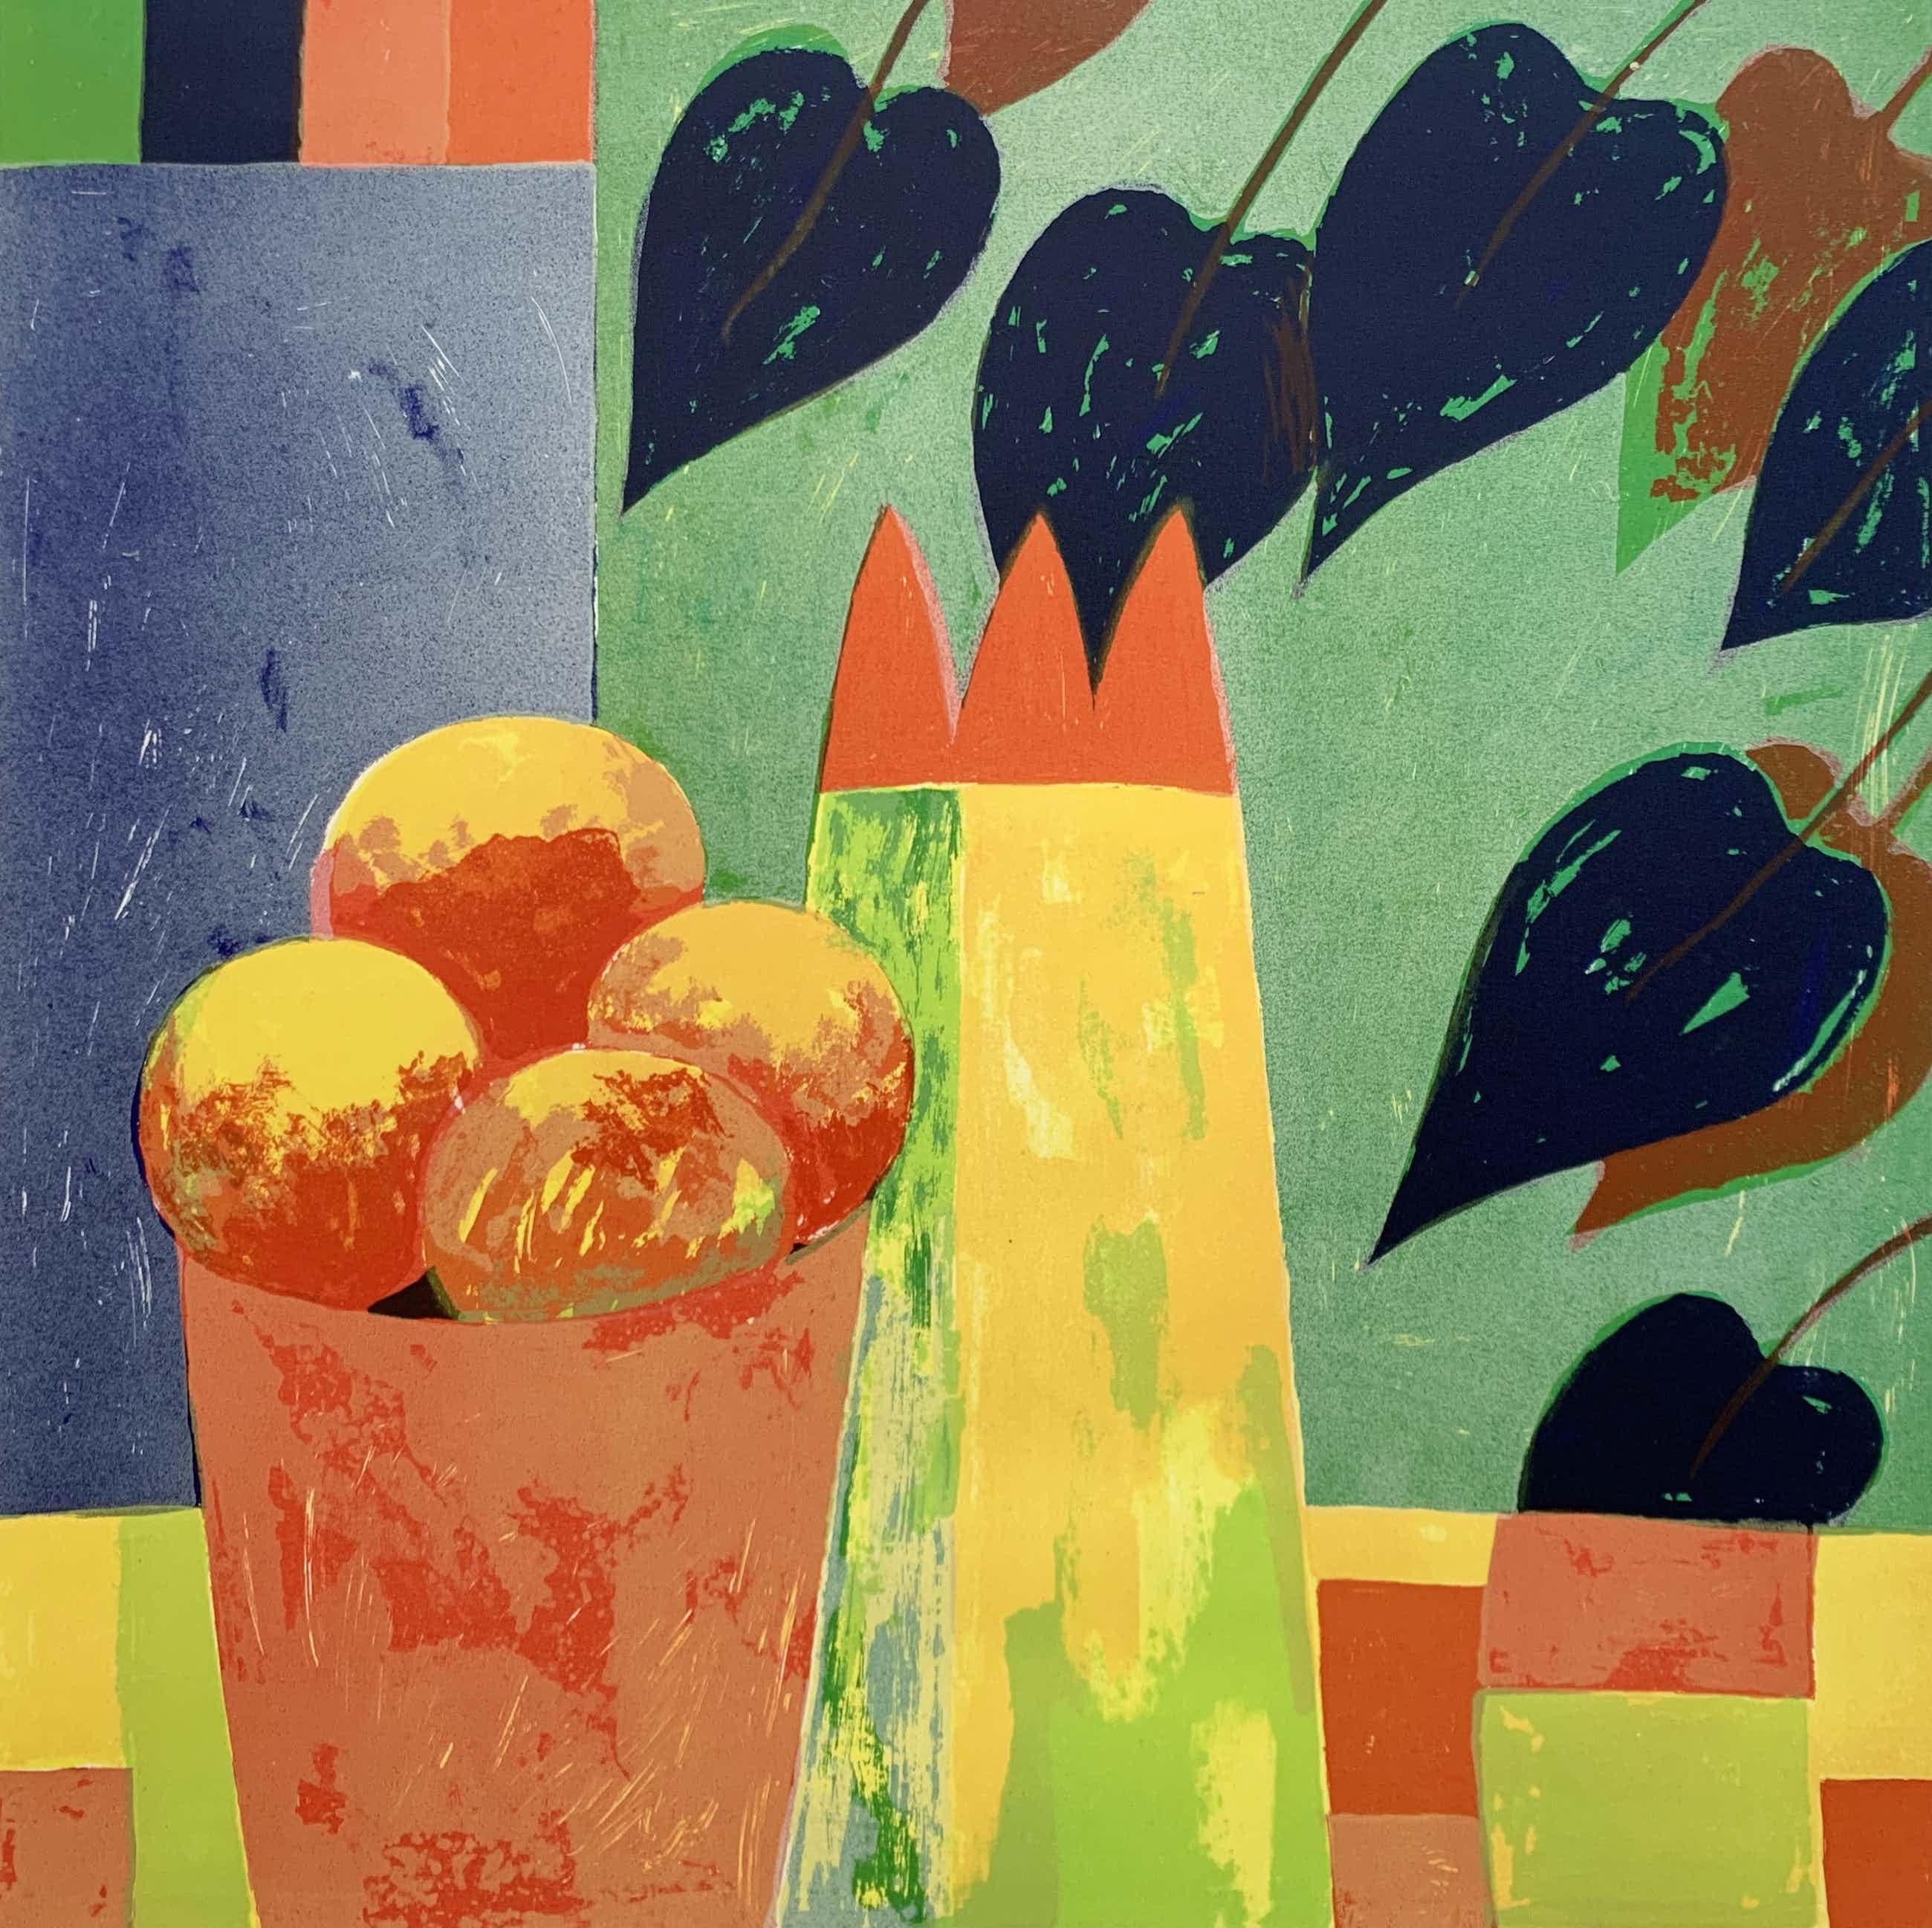 Fenneke van der Elst - kleurenlitho - 'Stilleven V' - 1995 (Zeer kleine oplage) kopen? Bied vanaf 45!